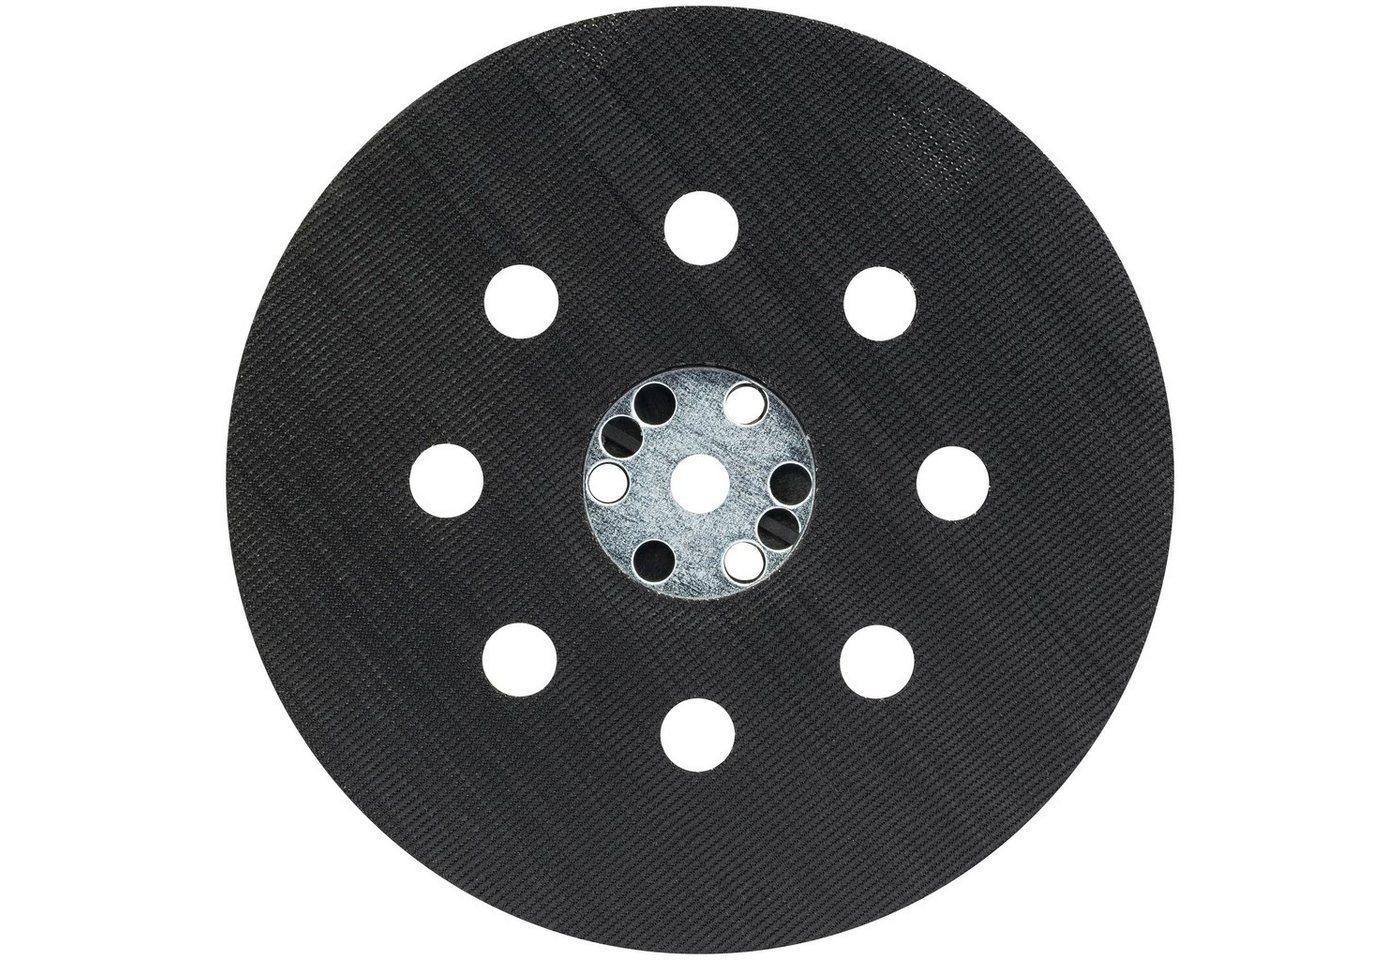 BOSCH Schleifteller »125 mm«, Ø 125 cm, für Exzenterschleifer,Packung, Klett